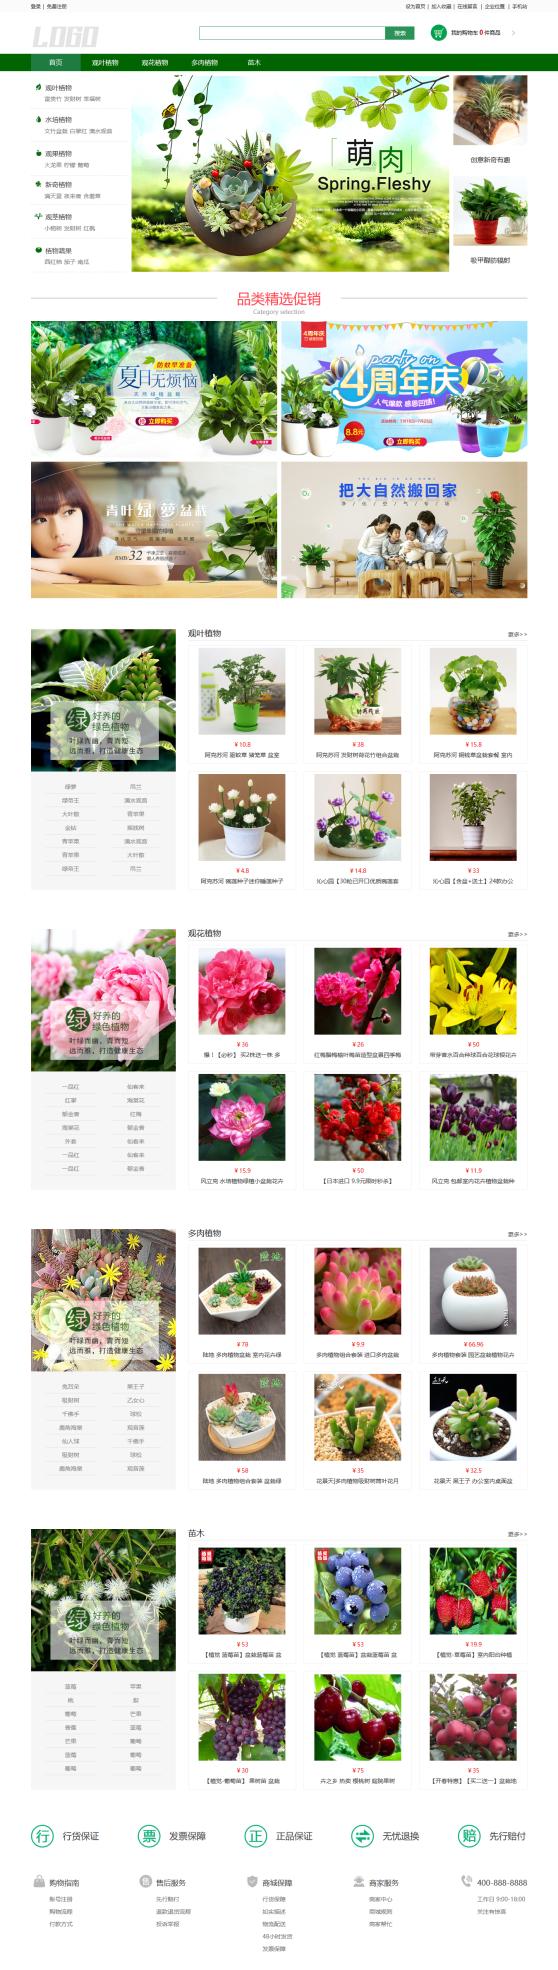 优选花卉绿植商城网站模板